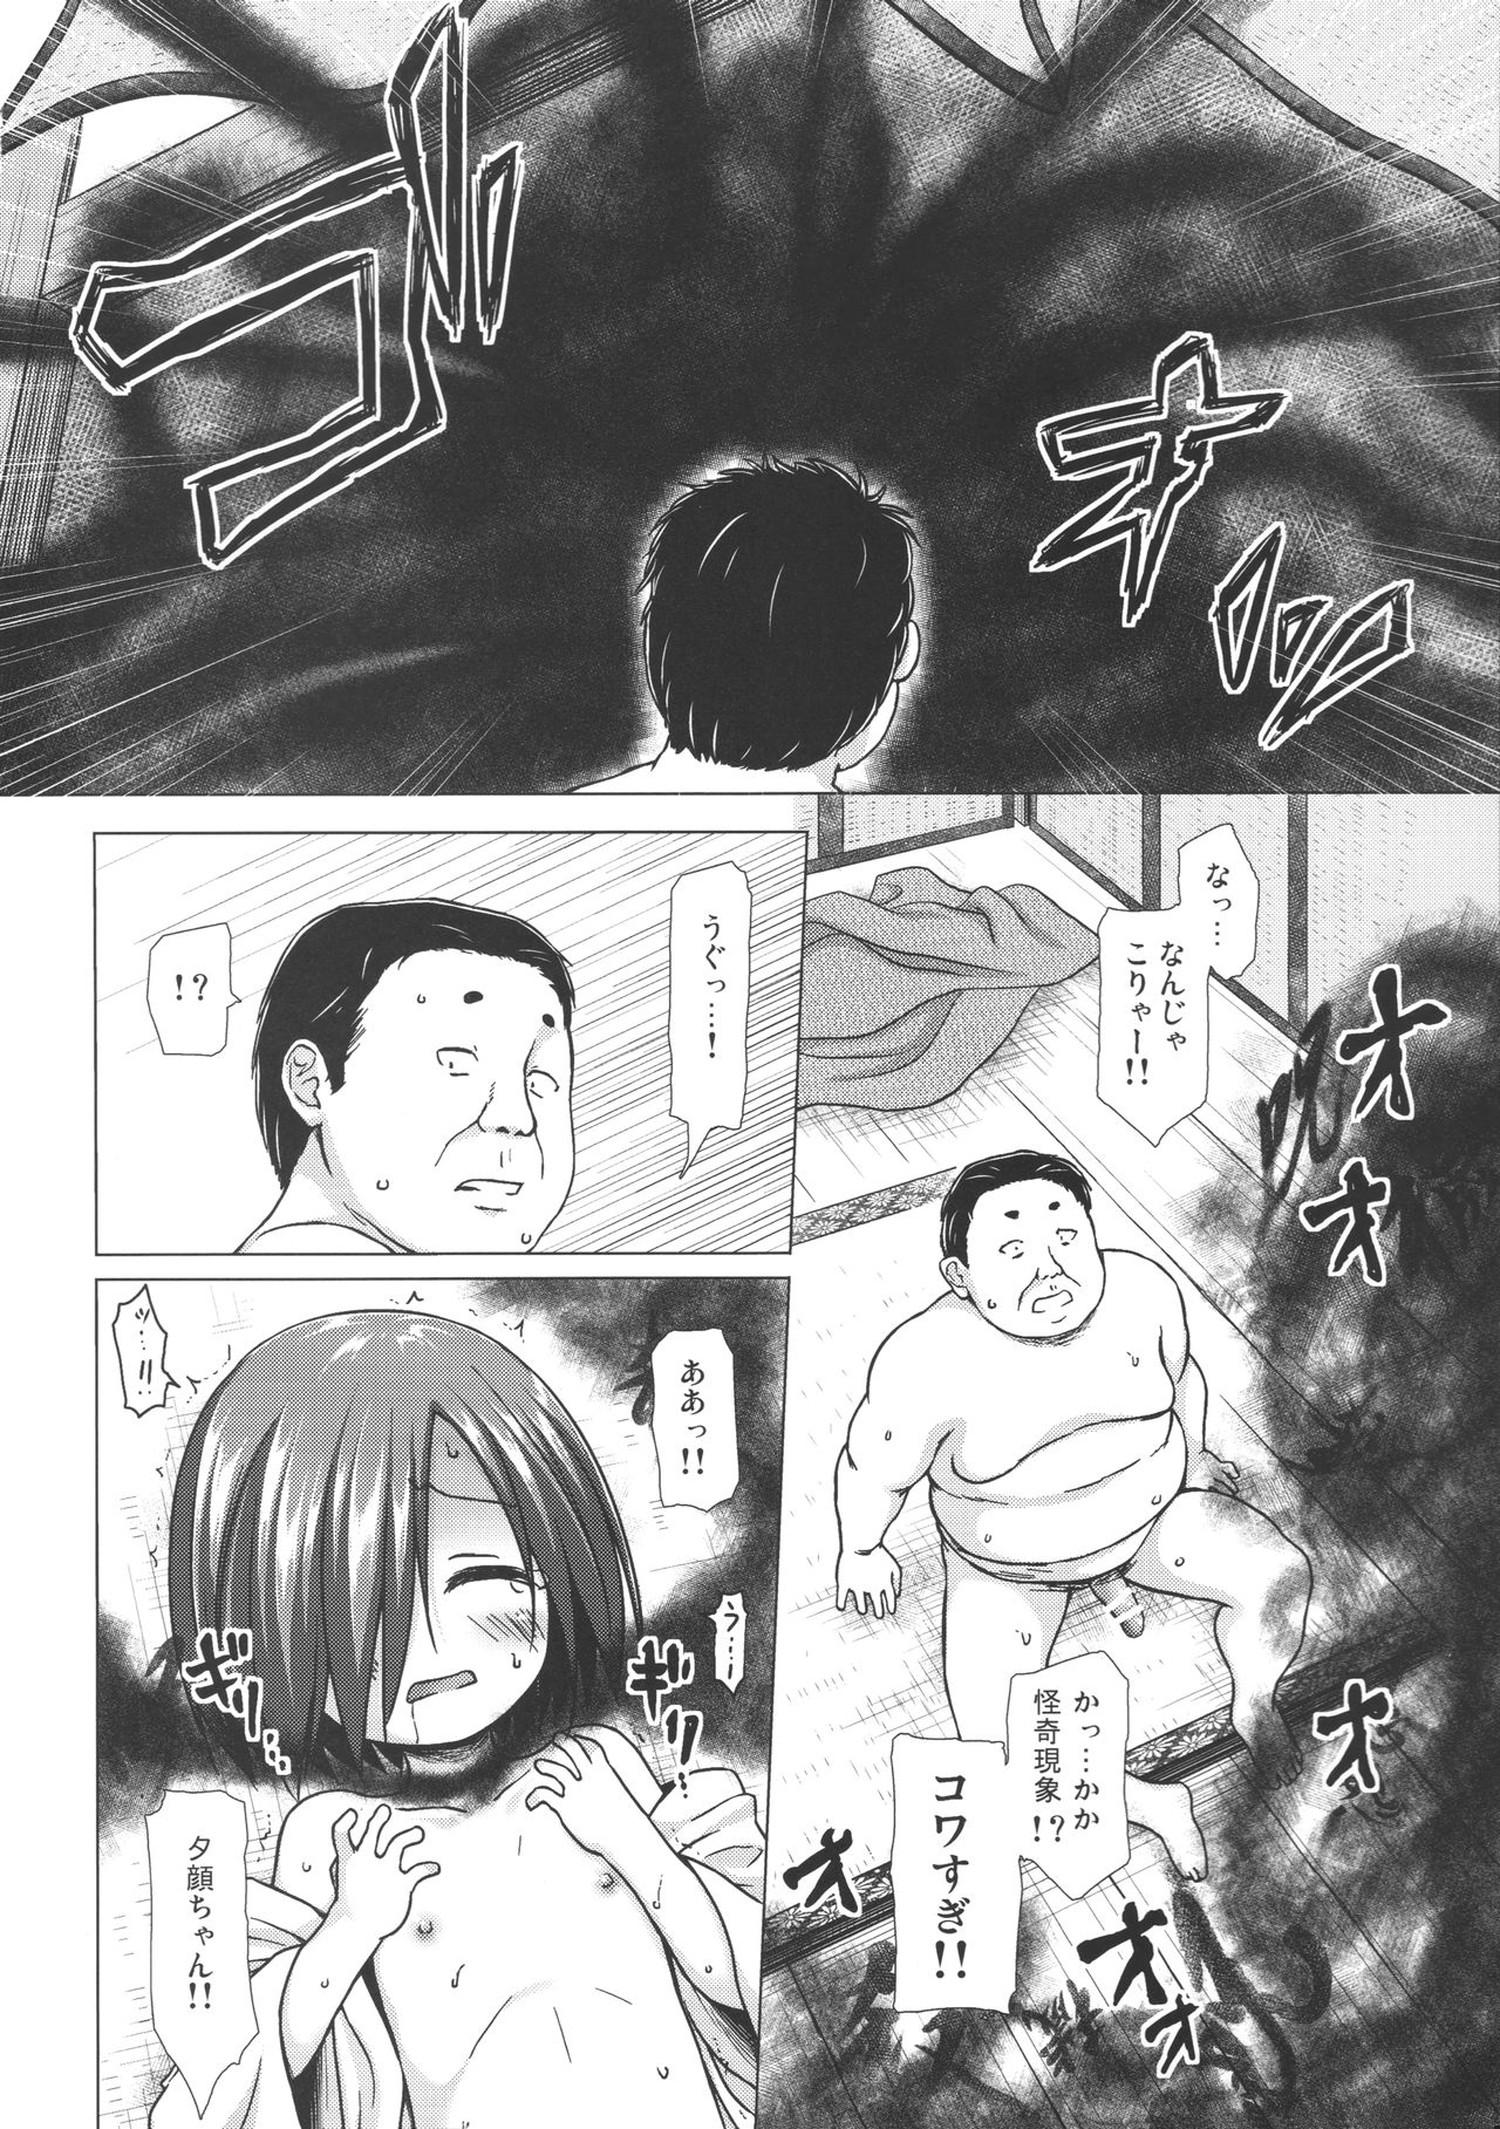 【エロ漫画】人間不信の黒髪幼女を攻略して自分だけのものにwww【無料 エロ同人誌】 (11)